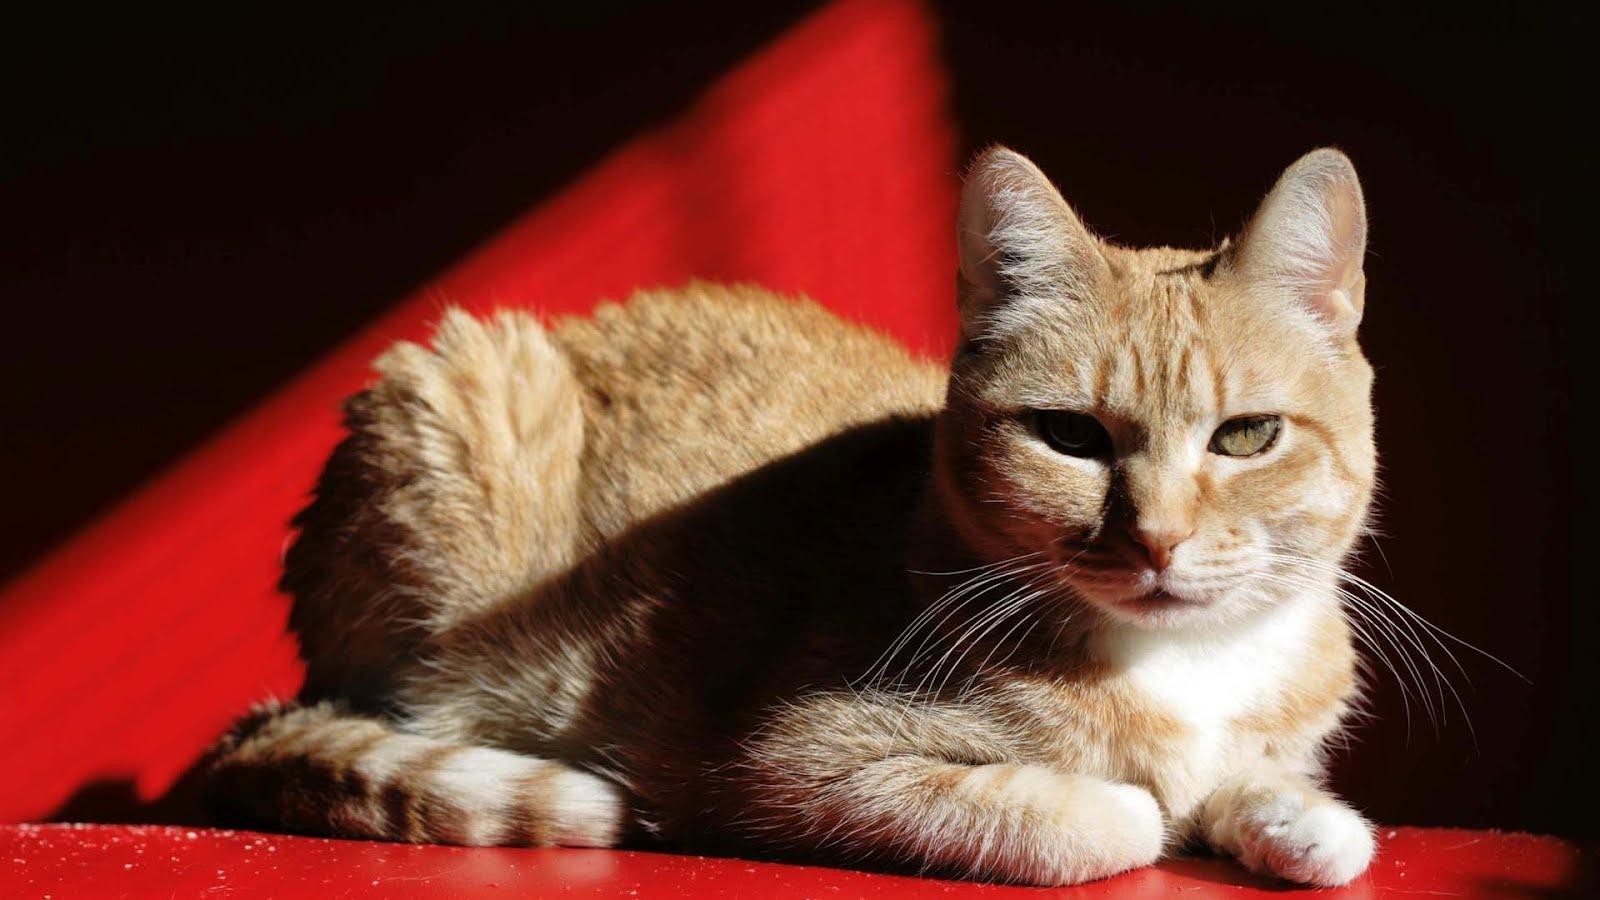 http://1.bp.blogspot.com/-XOT6VHADZUE/T54s7p-OxfI/AAAAAAAAIm4/bwL5a-mUsPM/s1600/Cats-Wallpapers.jpg